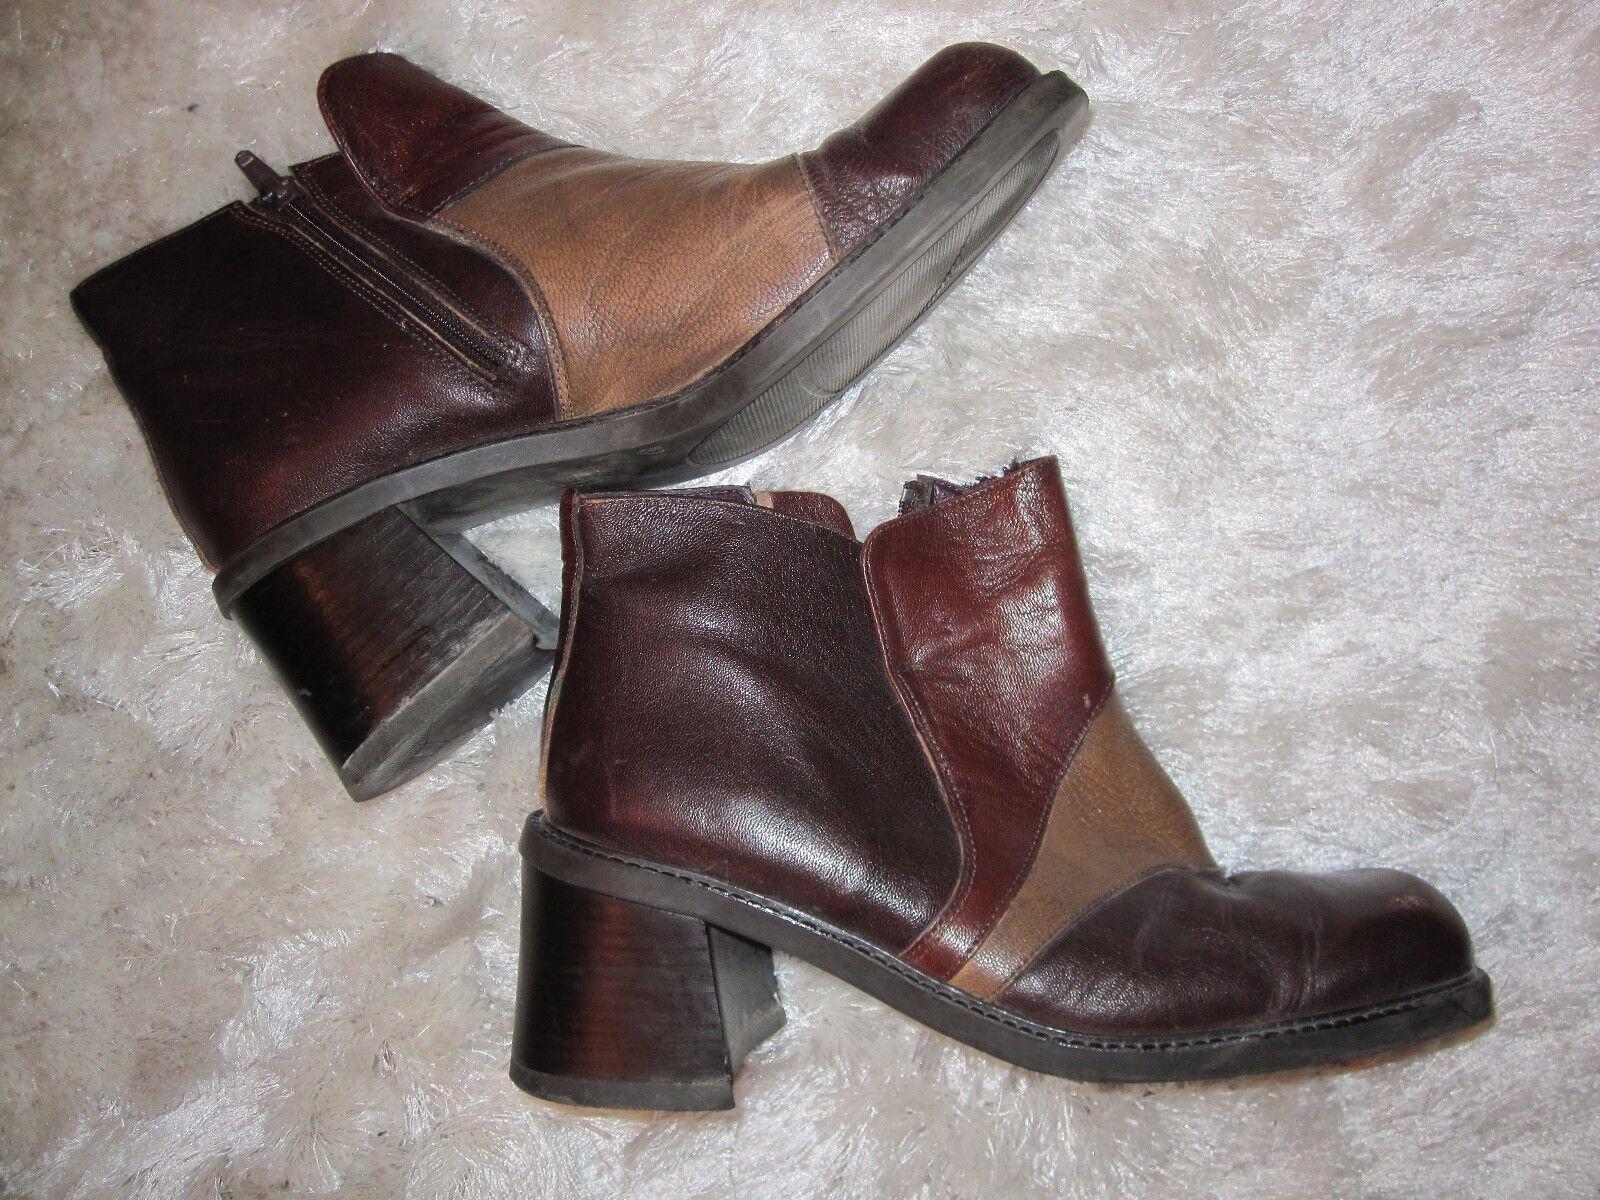 iTALIENISCHE iTALY Stiefel Schuhe braun, Leder Gr.38,super schön 70er Jahre